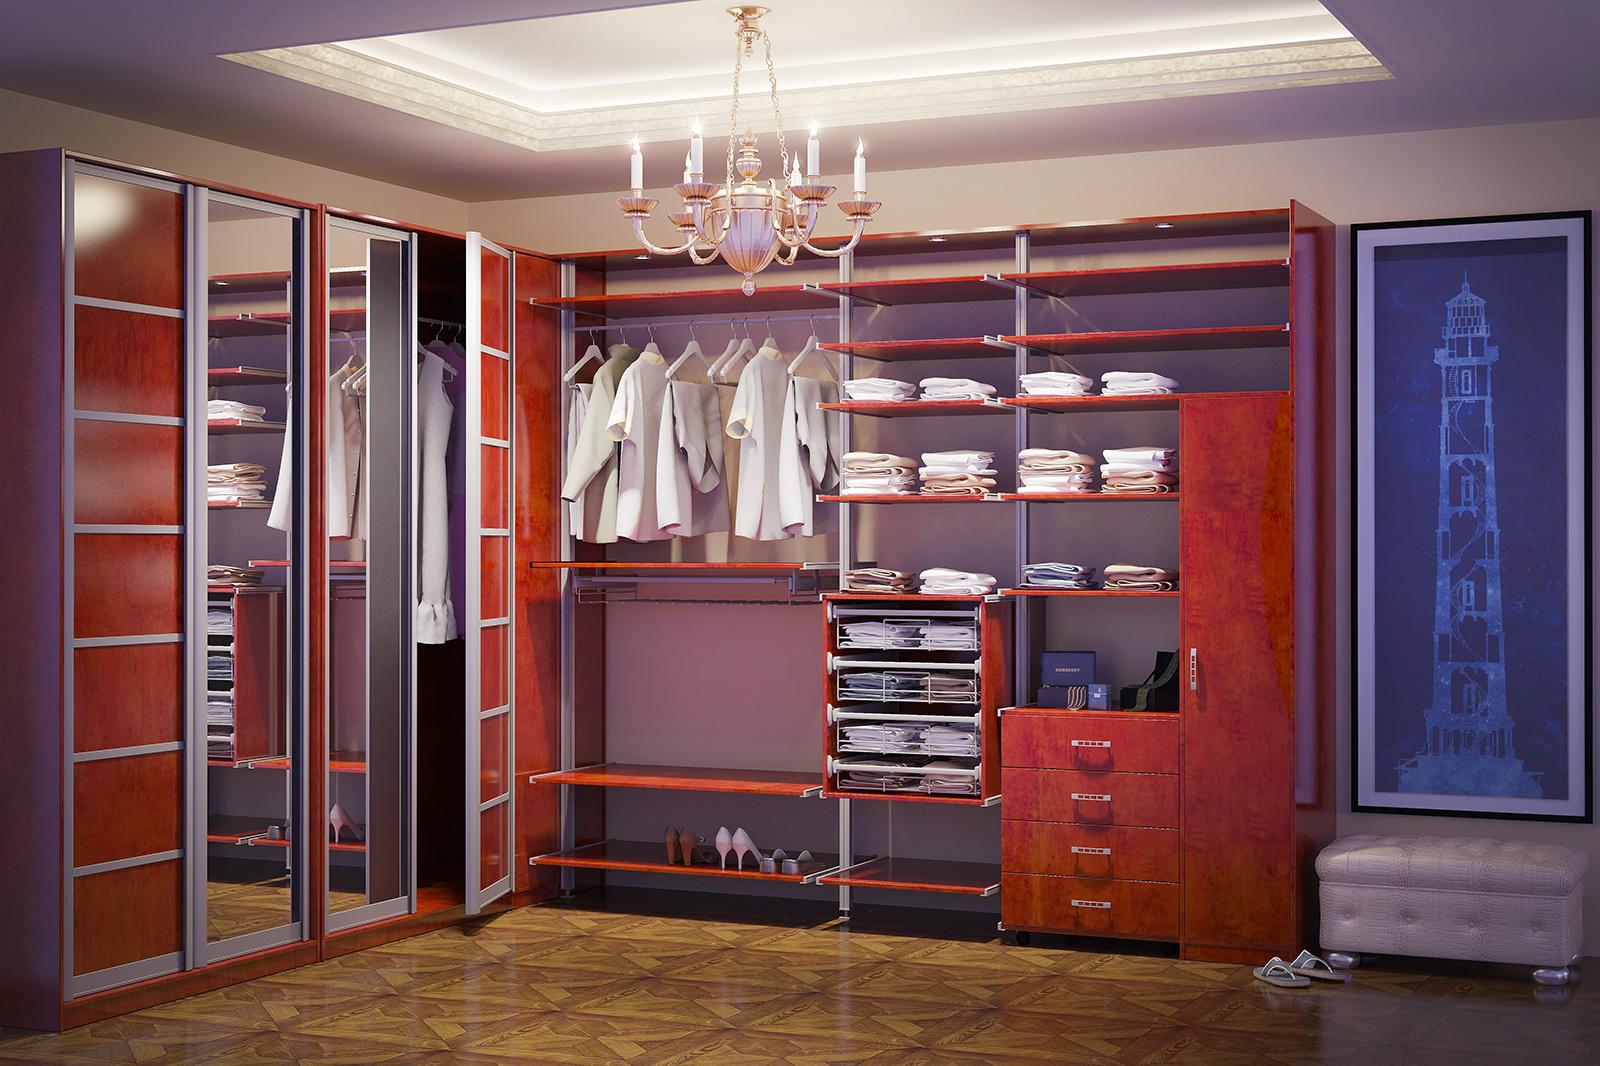 Гардеробные комнаты и шкафы фотогалерея солнечная ладья.